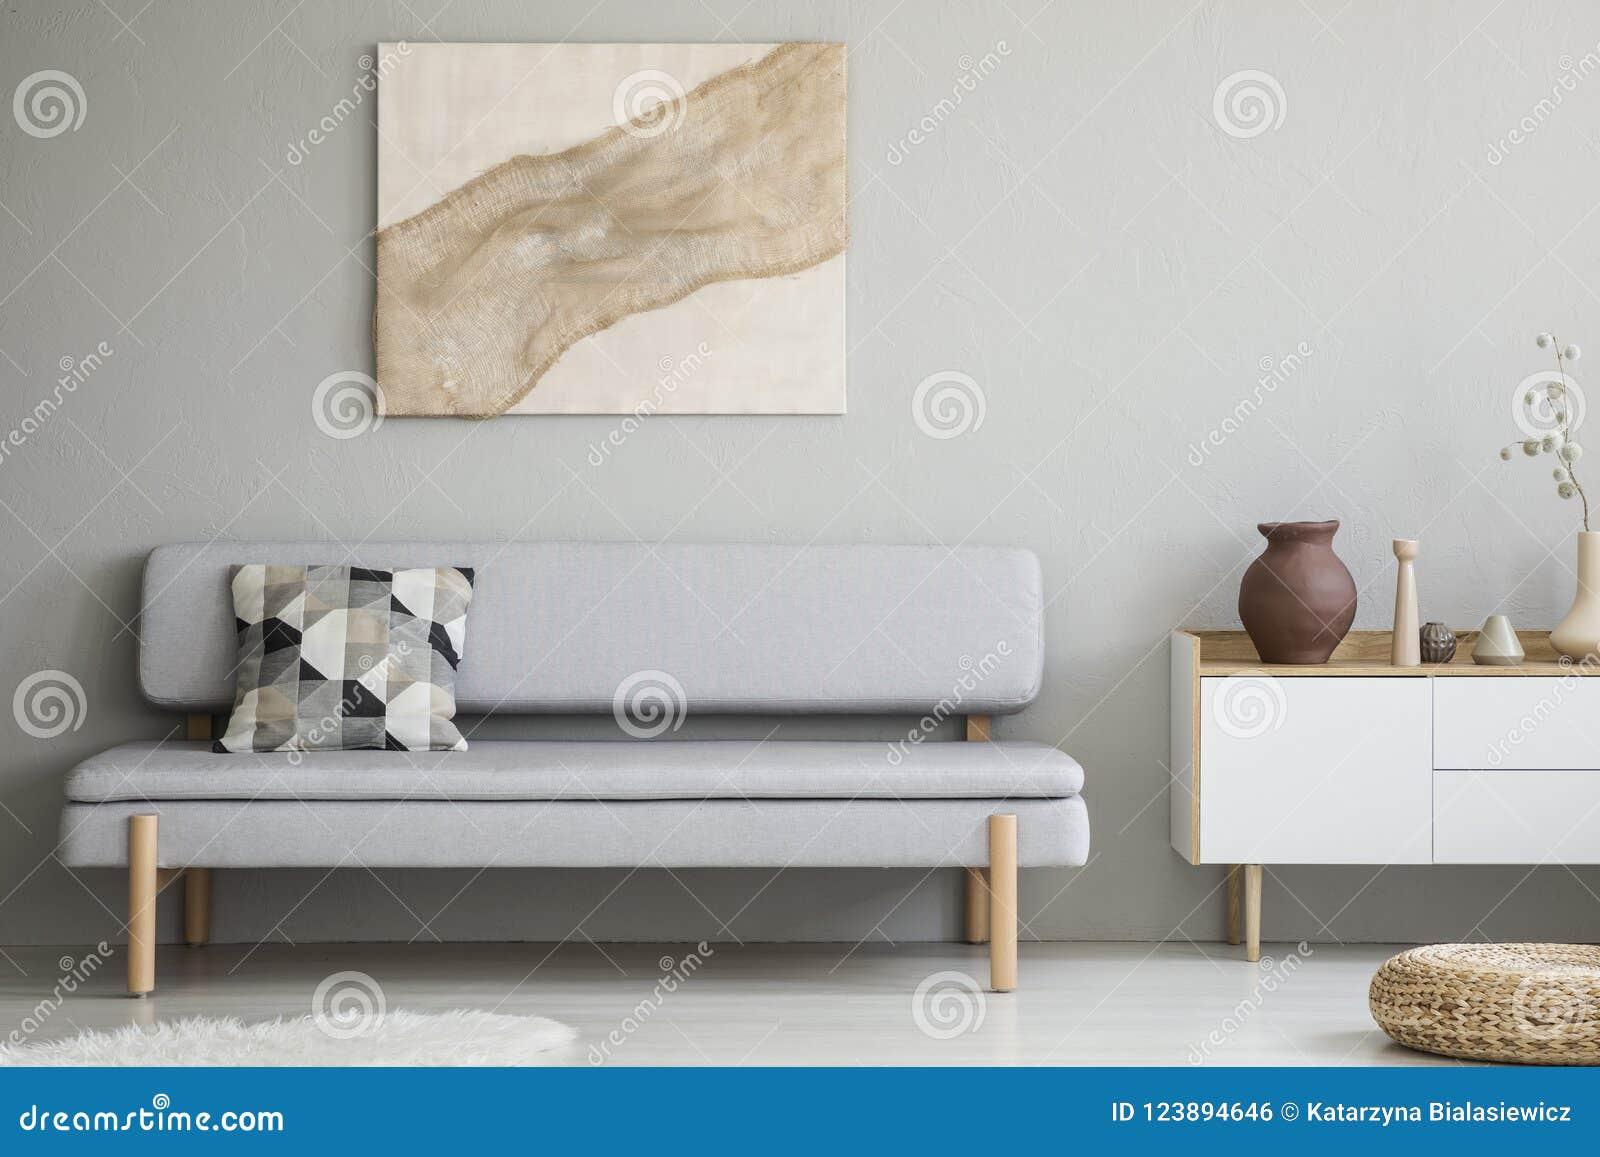 Peinture Sur Le Mur Gris Au Dessus Du Canapé Avec Le Coussin